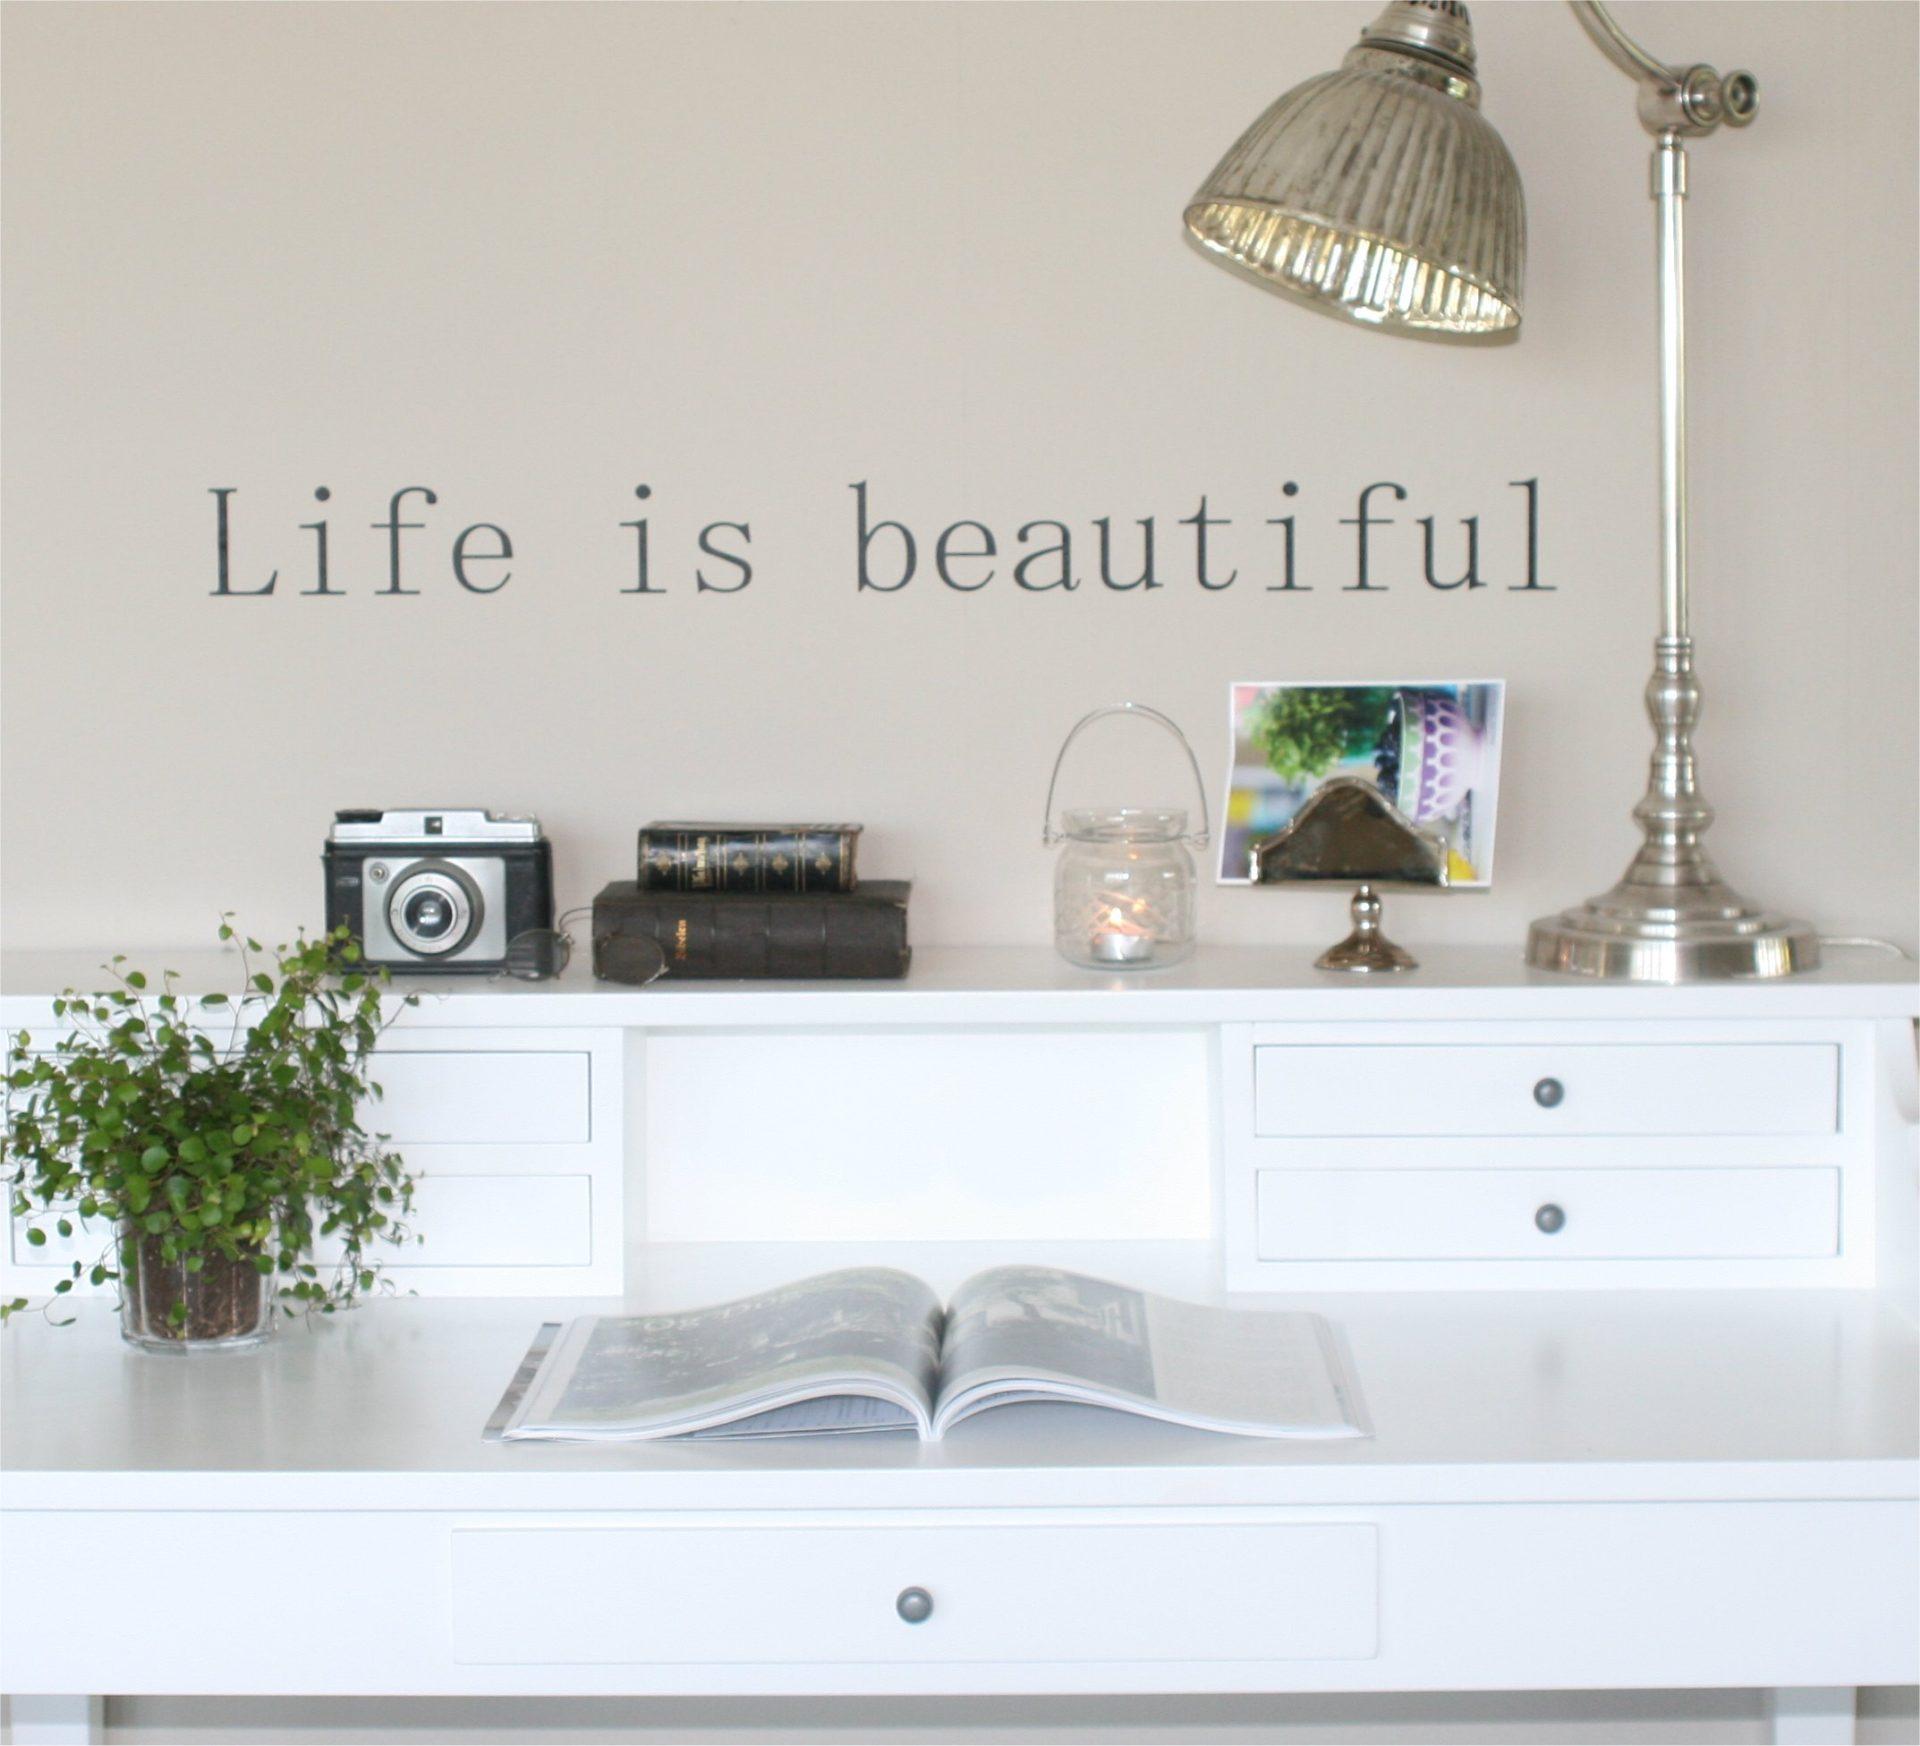 Wallsticker Life is beautiful